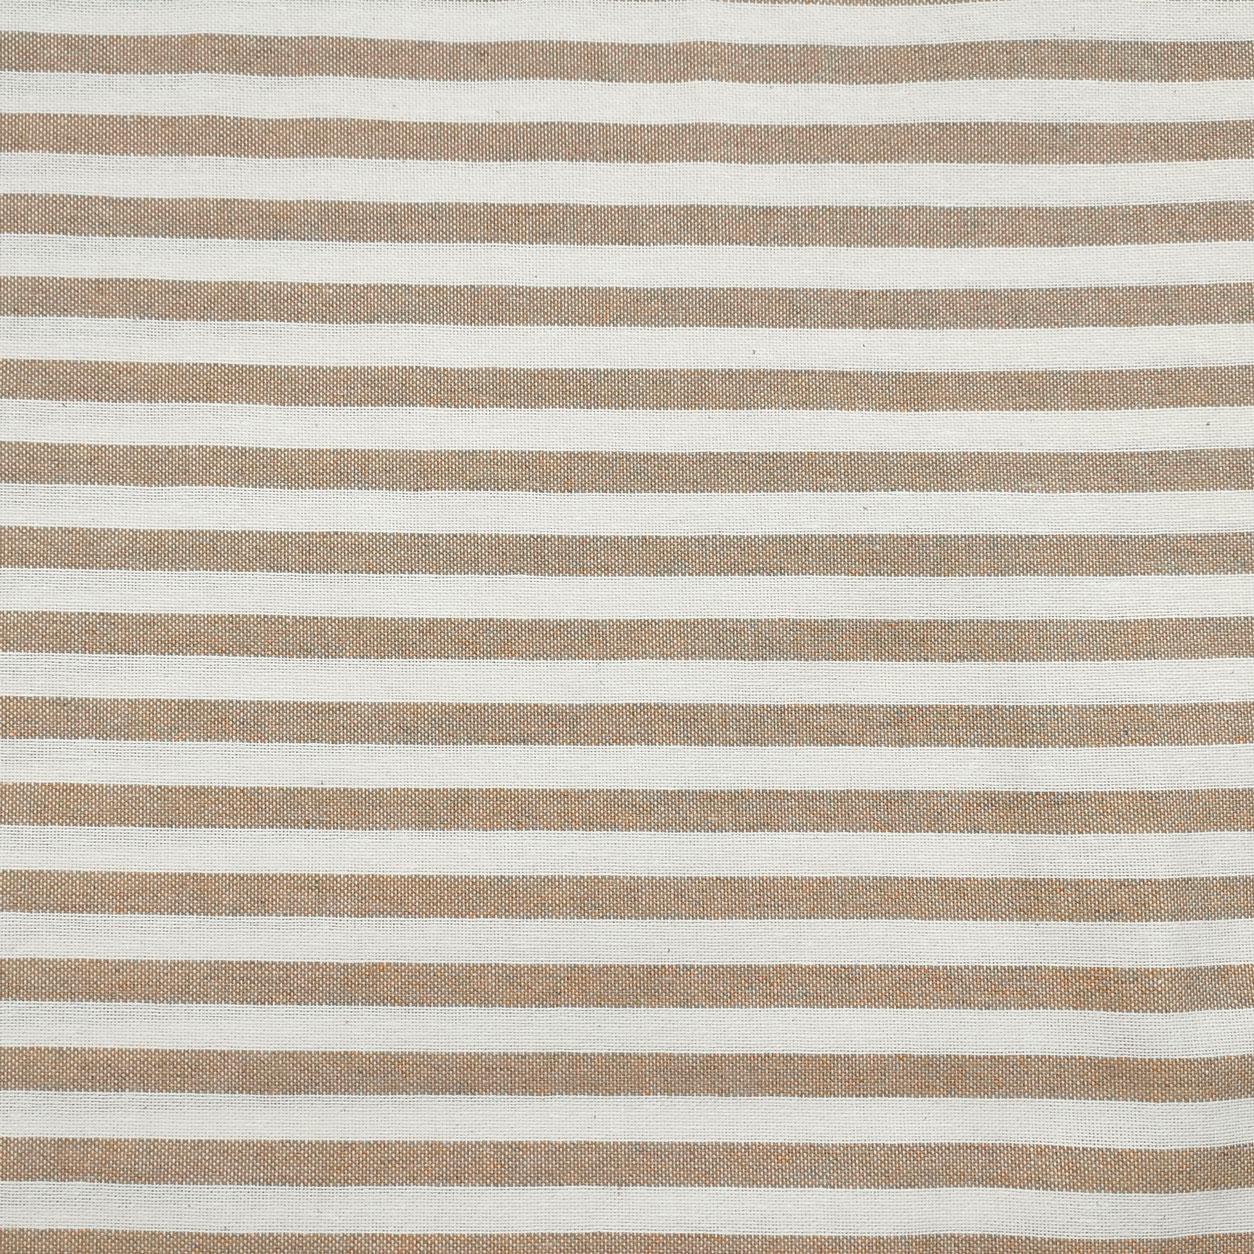 Tessuto Panama Tinto In Filo a Righe Beige